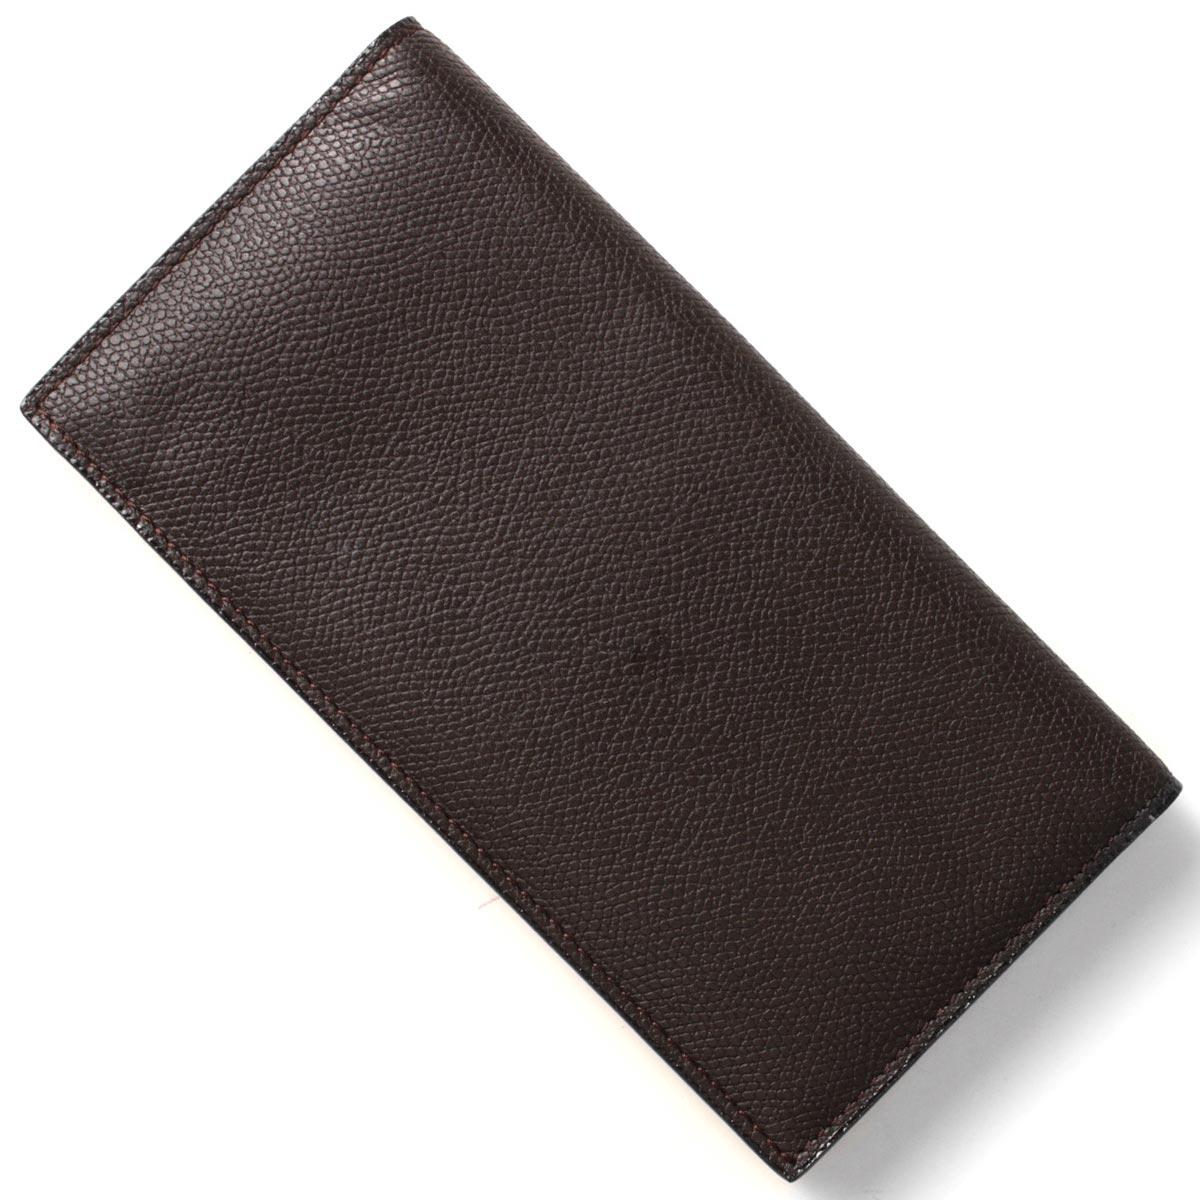 ヴァレクストラ VALEXTRA 長財布【札入れ】 モロブラウン V8L21 028 T メンズ レディース:ブルークウォッチカンパニー